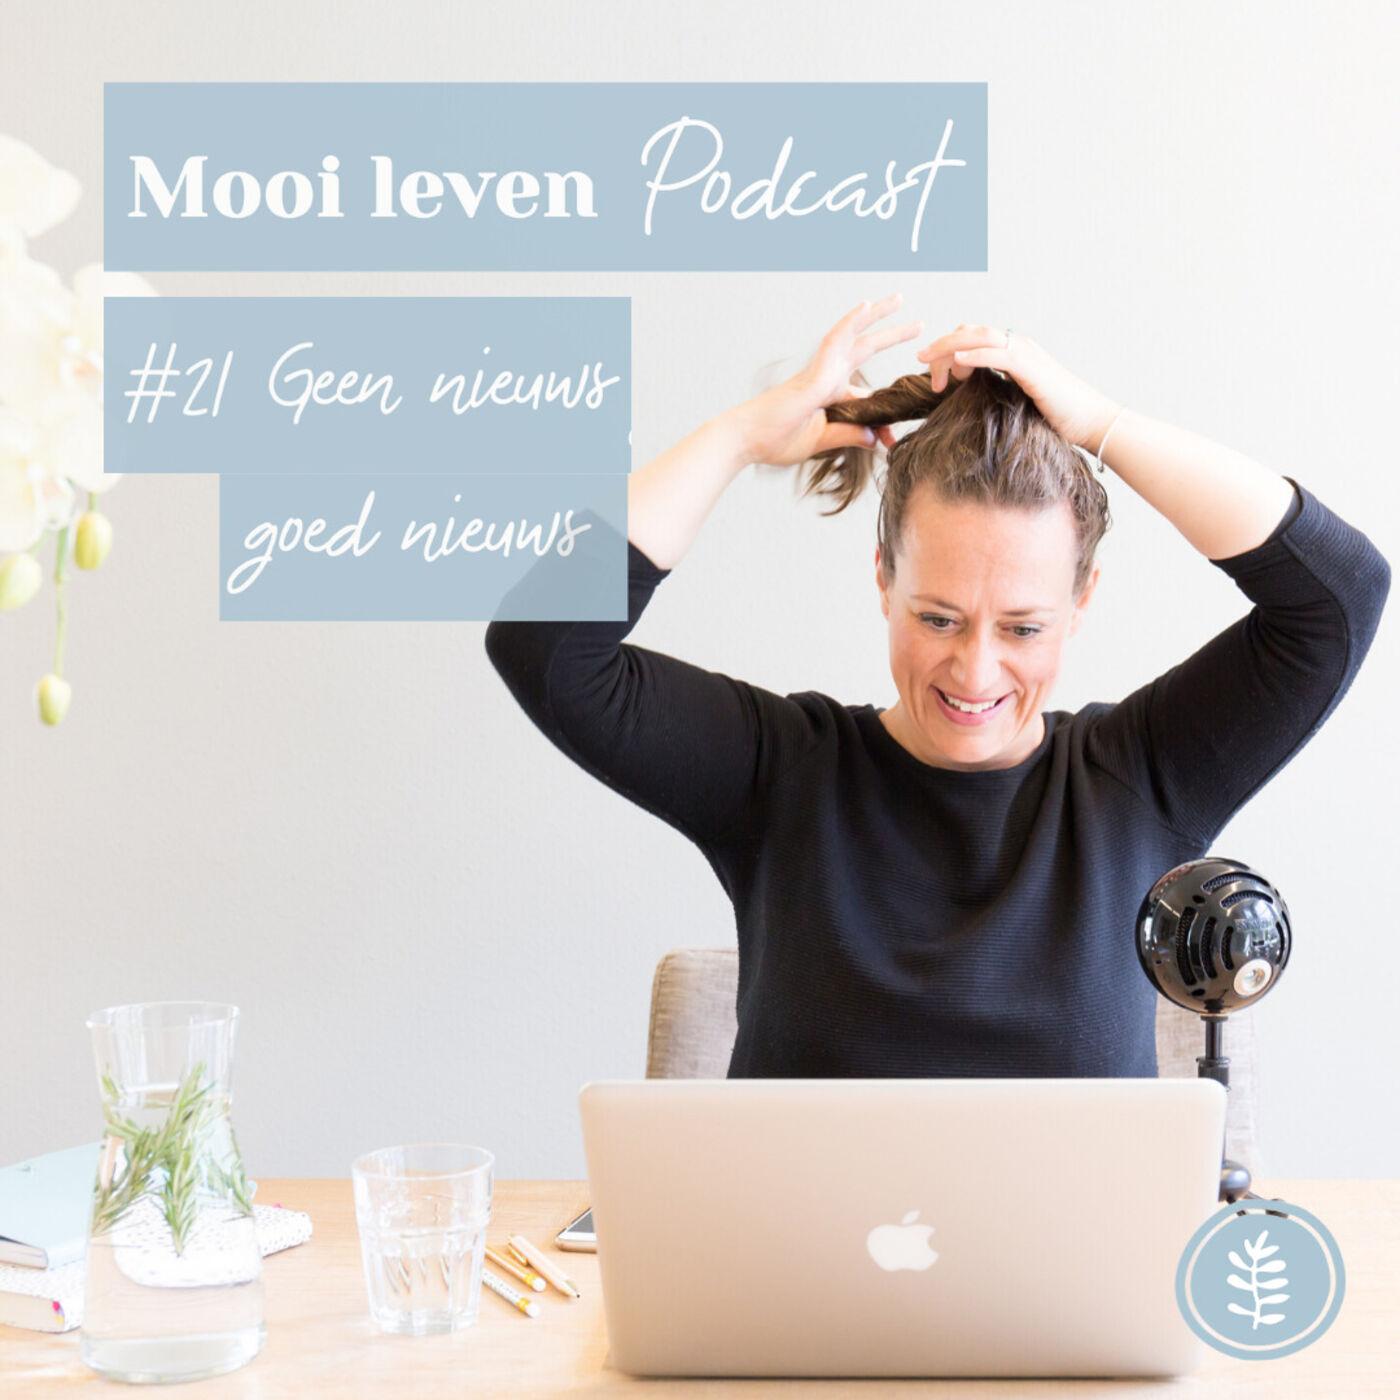 Mooi Leven Podcast #21 | Geen nieuws goed nieuws